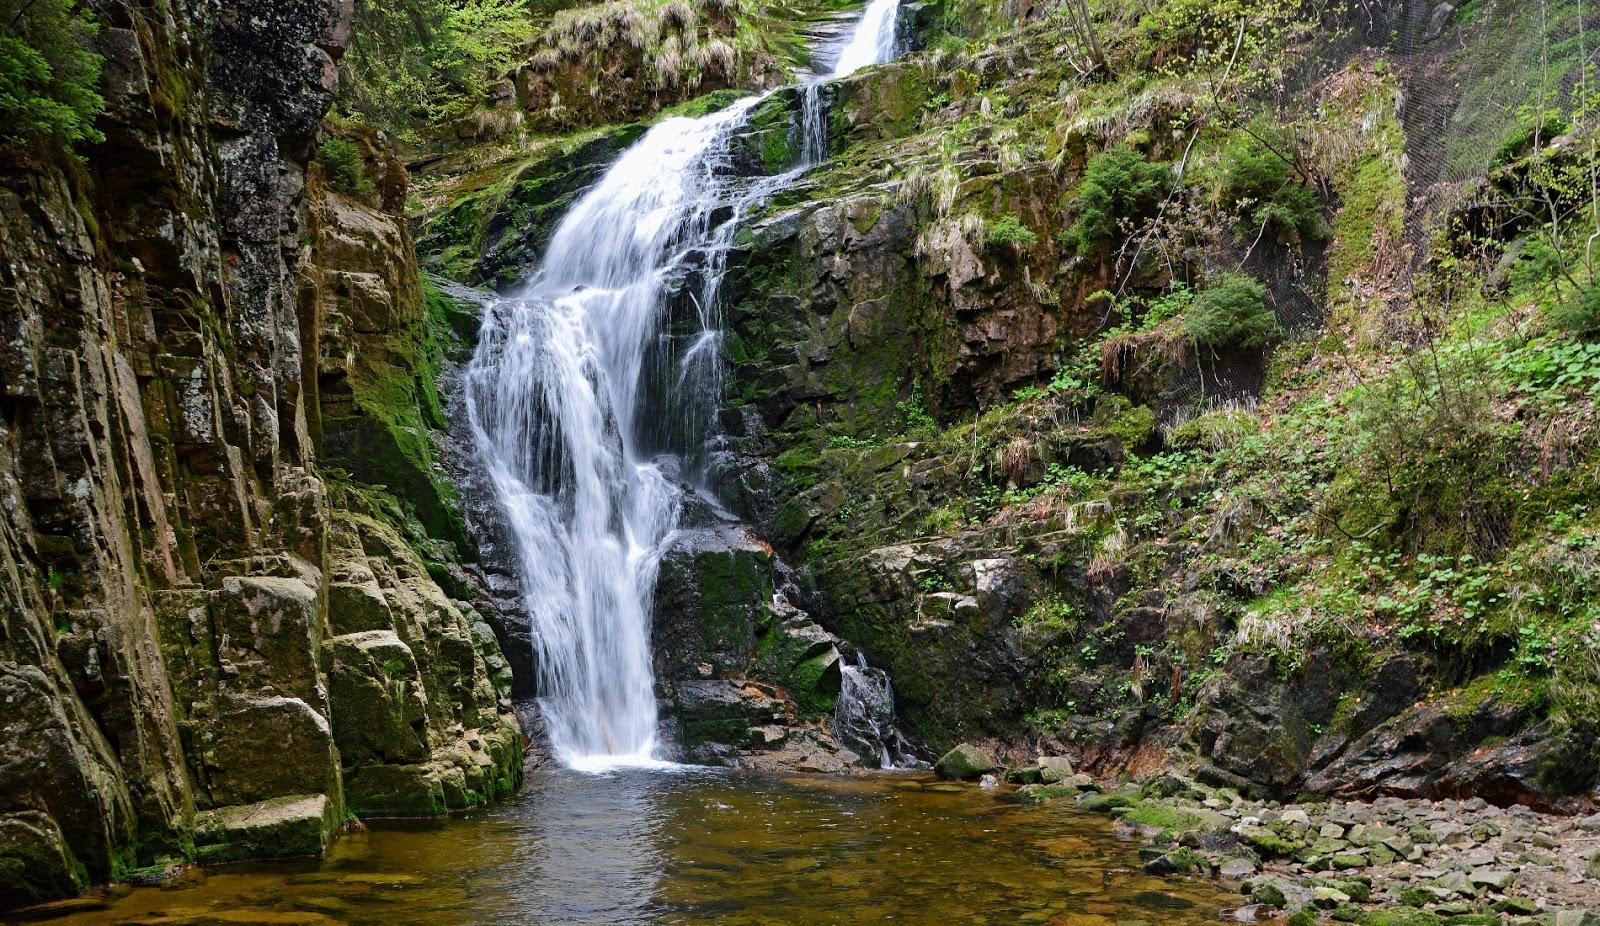 Wodospad Kamieńczyka Karkonosze